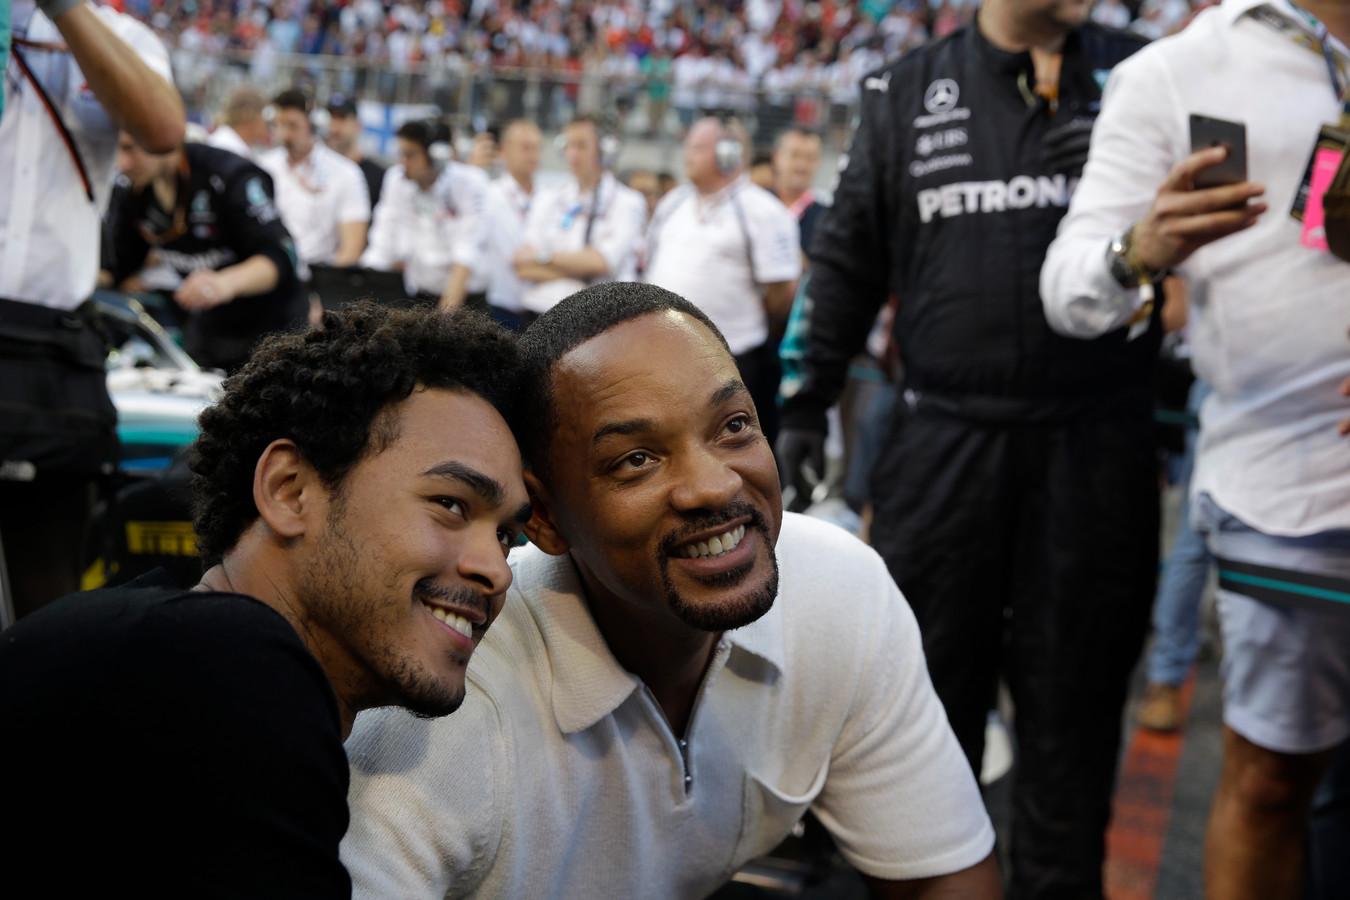 De acteur vertelt in de video dat zijn zoon hem onlangs zijn beste vriend noemde.